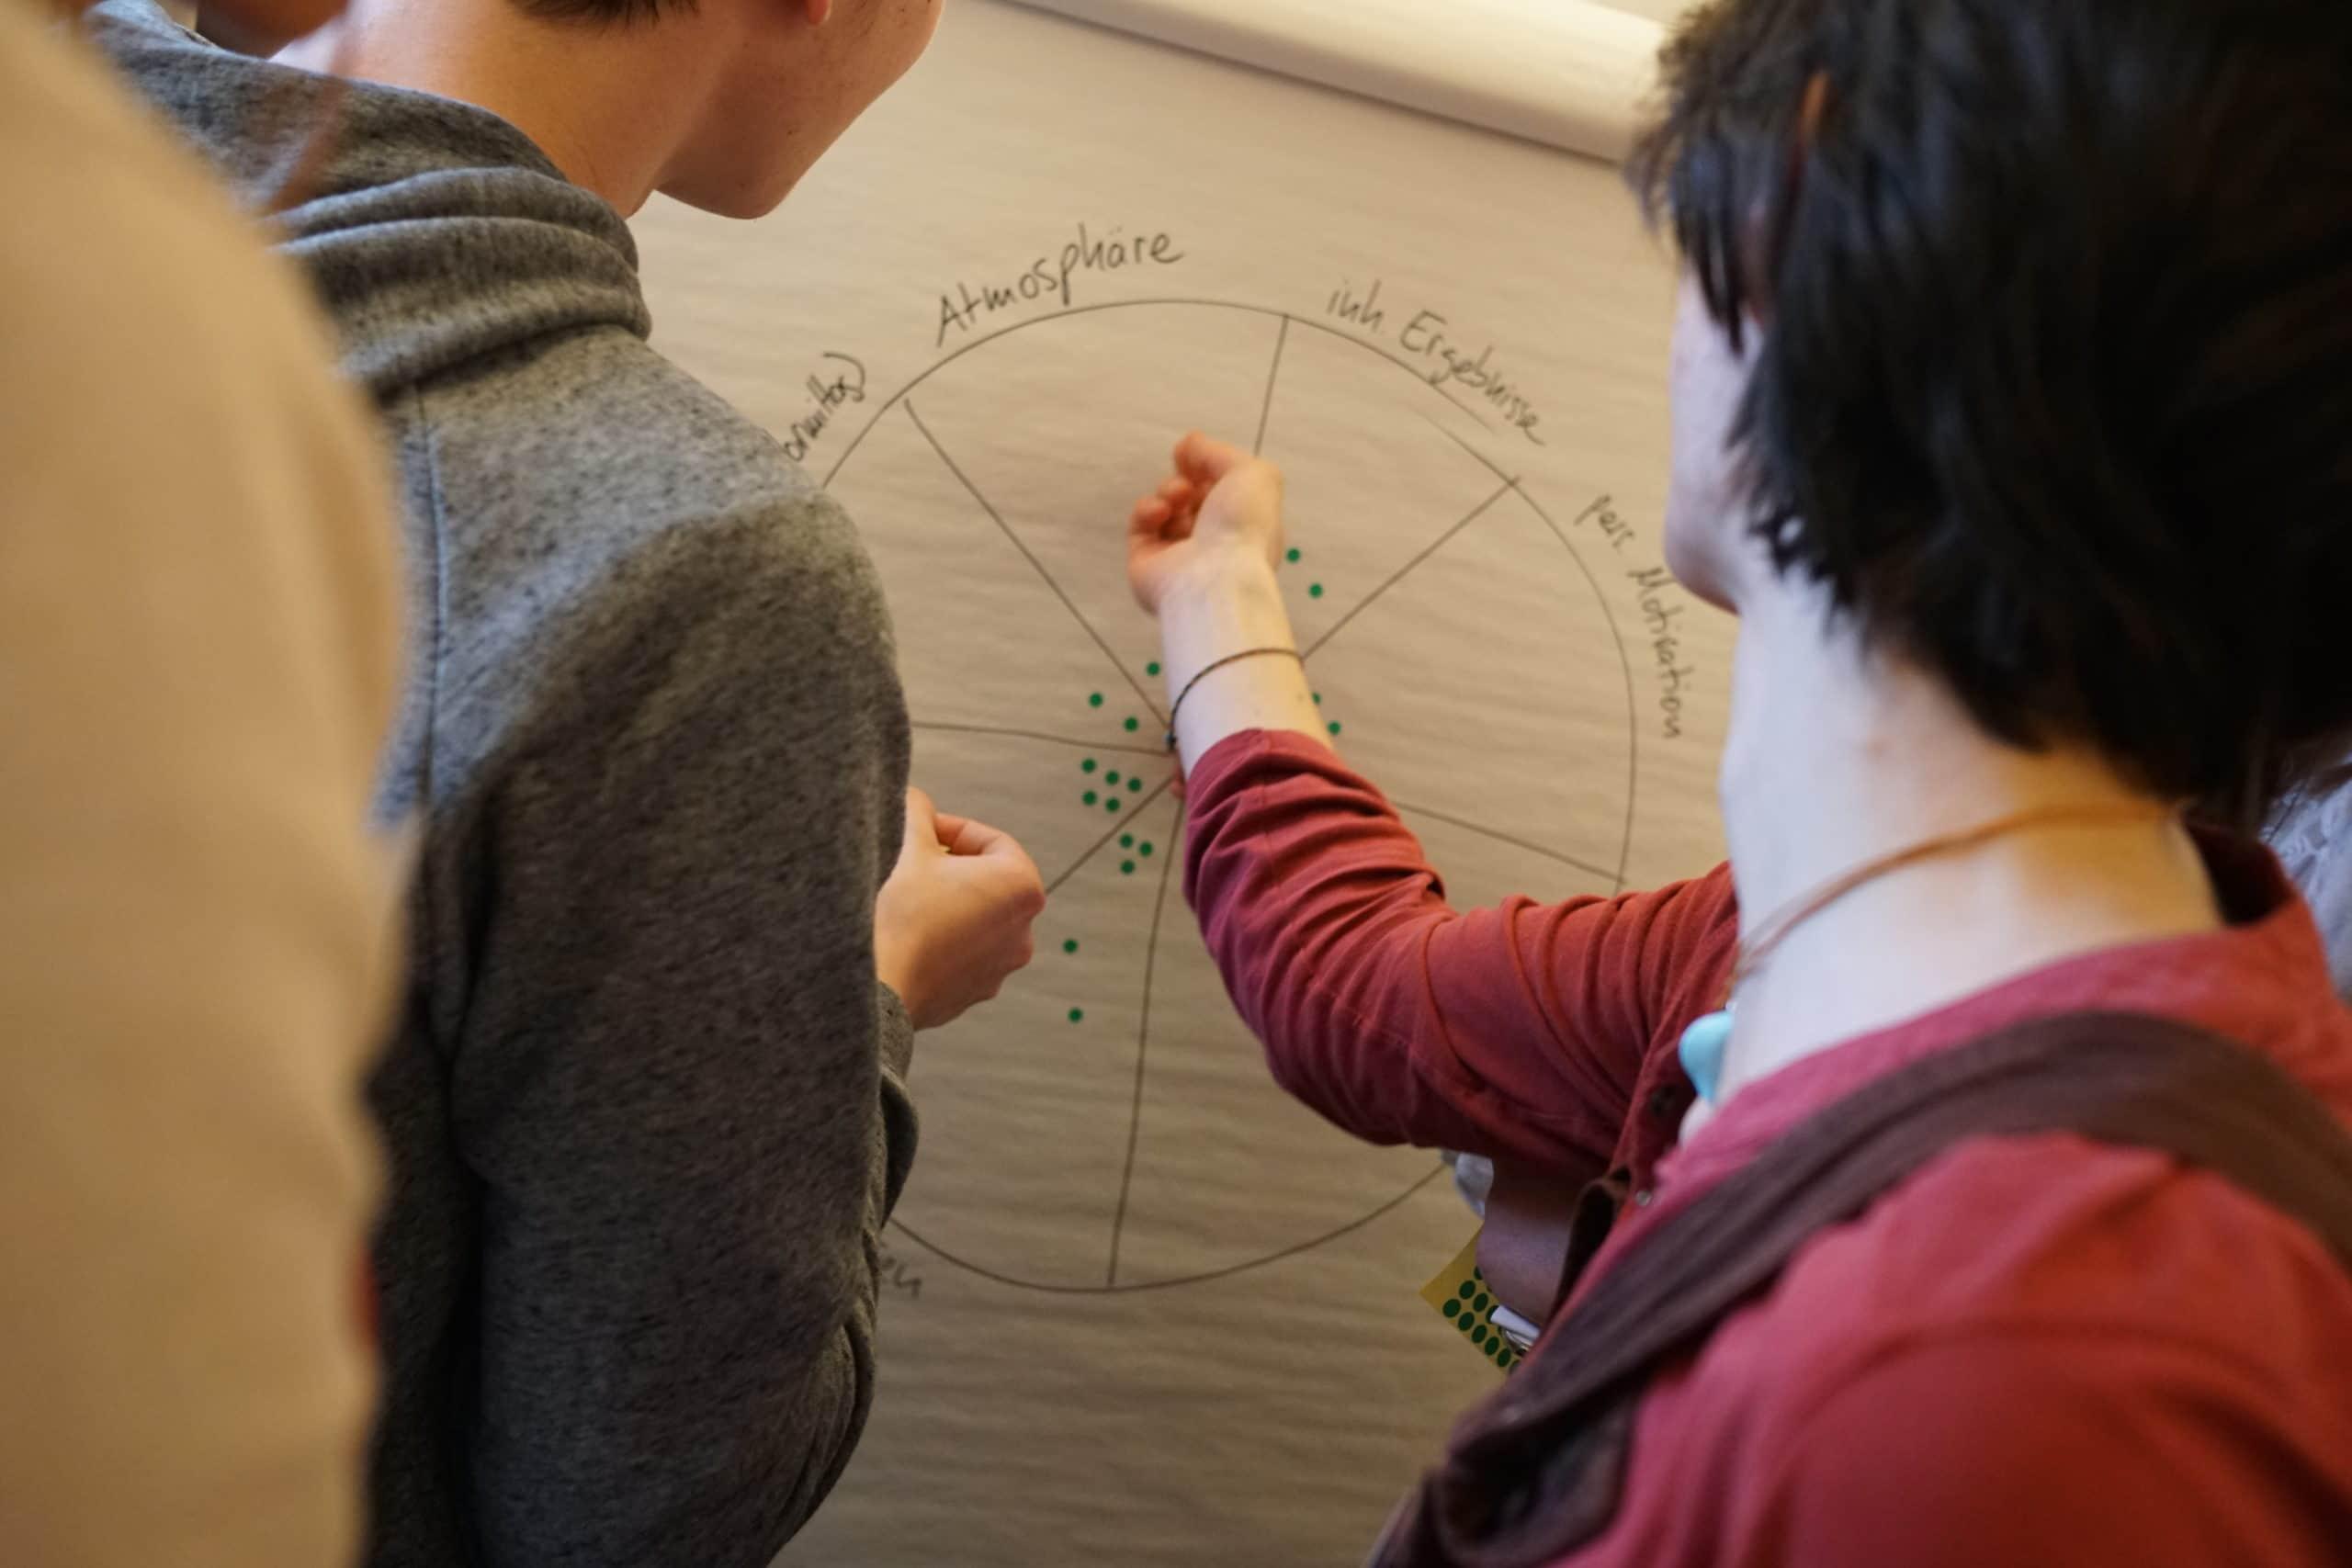 Junge Zukunftswerkstatt: Feedback-Zielscheibe